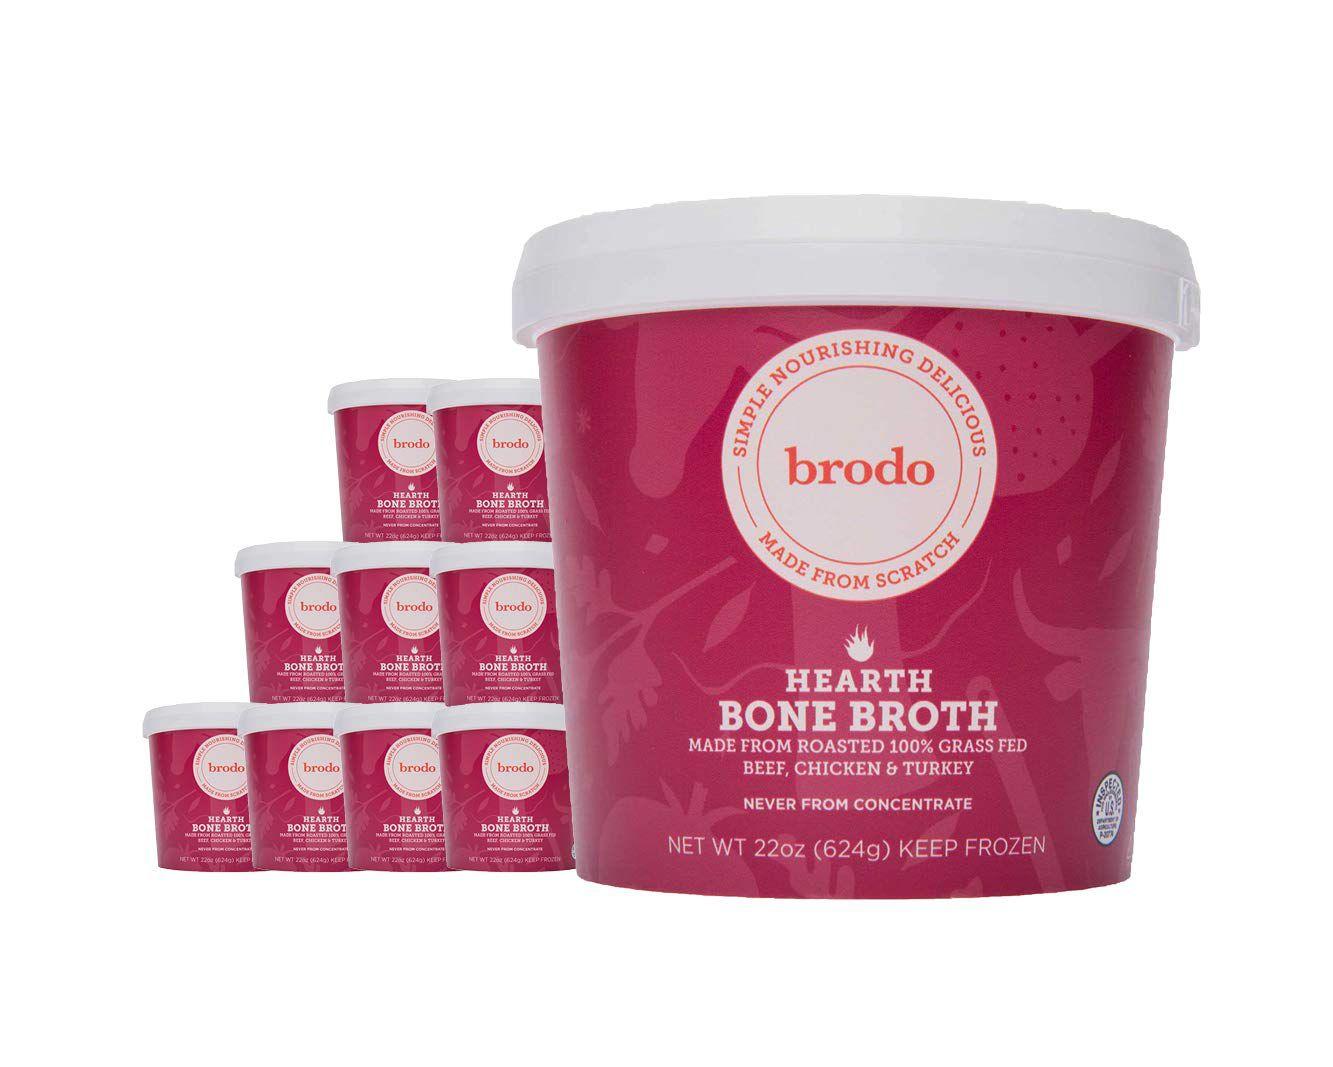 Brodo Hearth Bone Broth